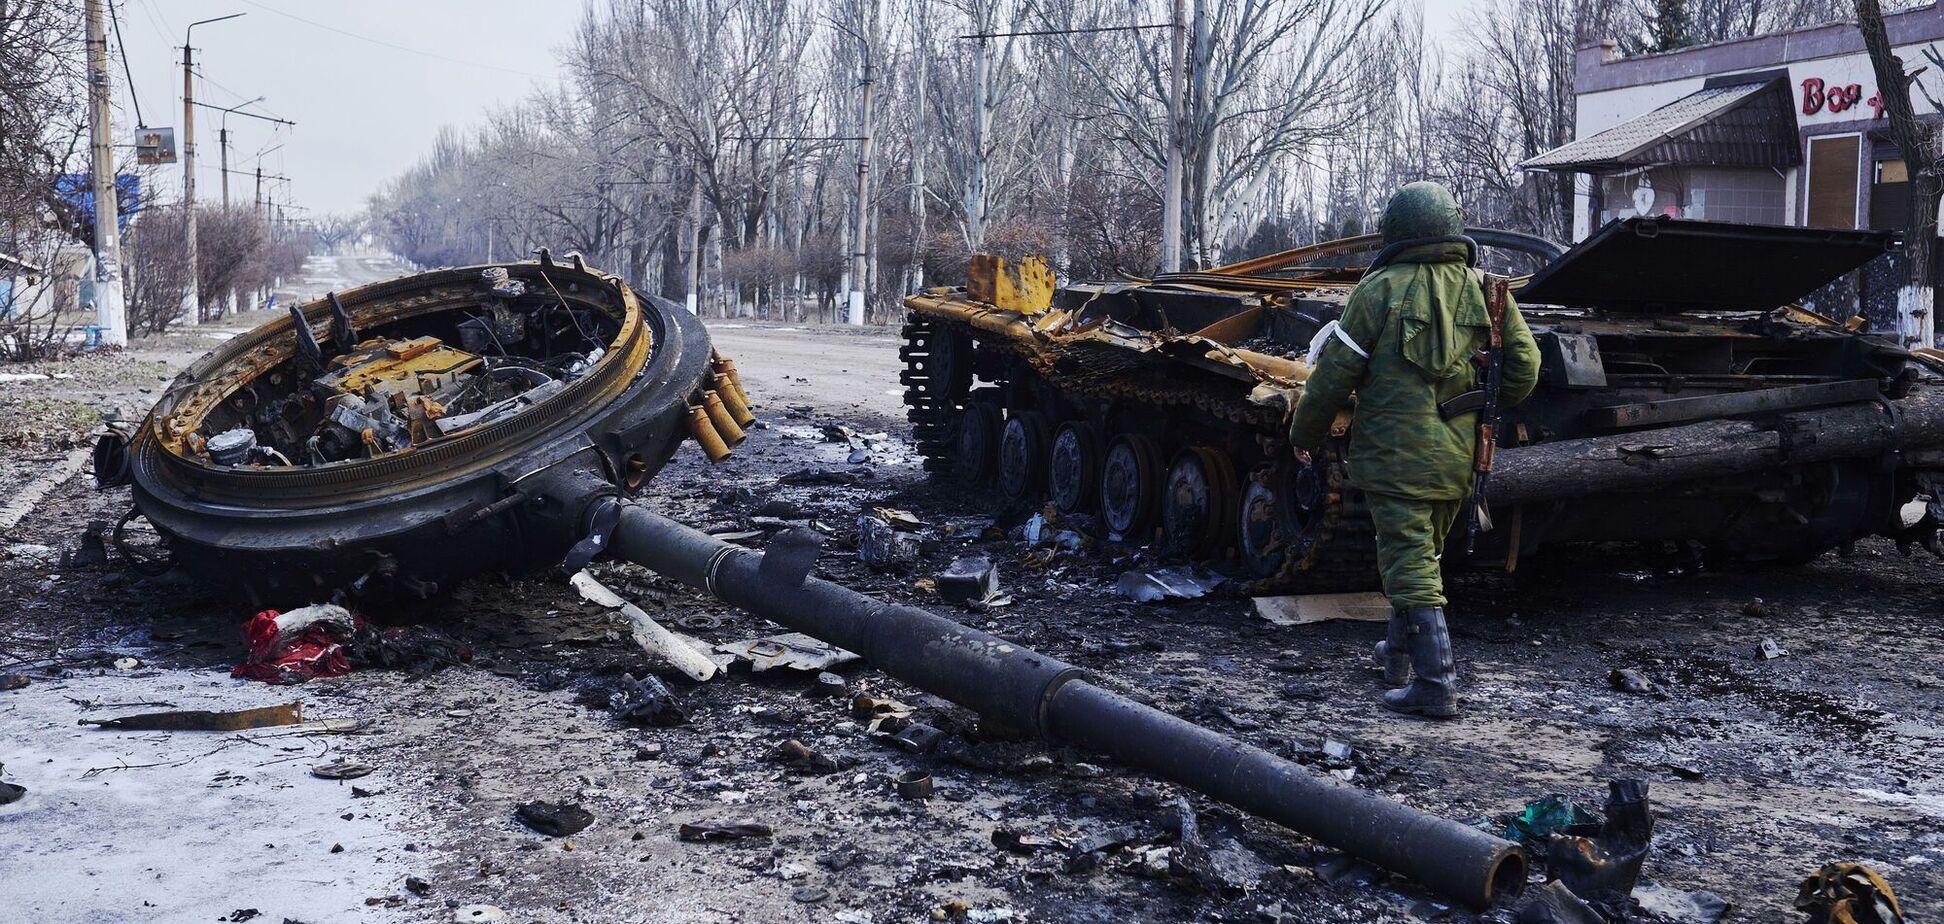 Терористи обстріляли українських воїнів з озброєння БМП – штаб ООС